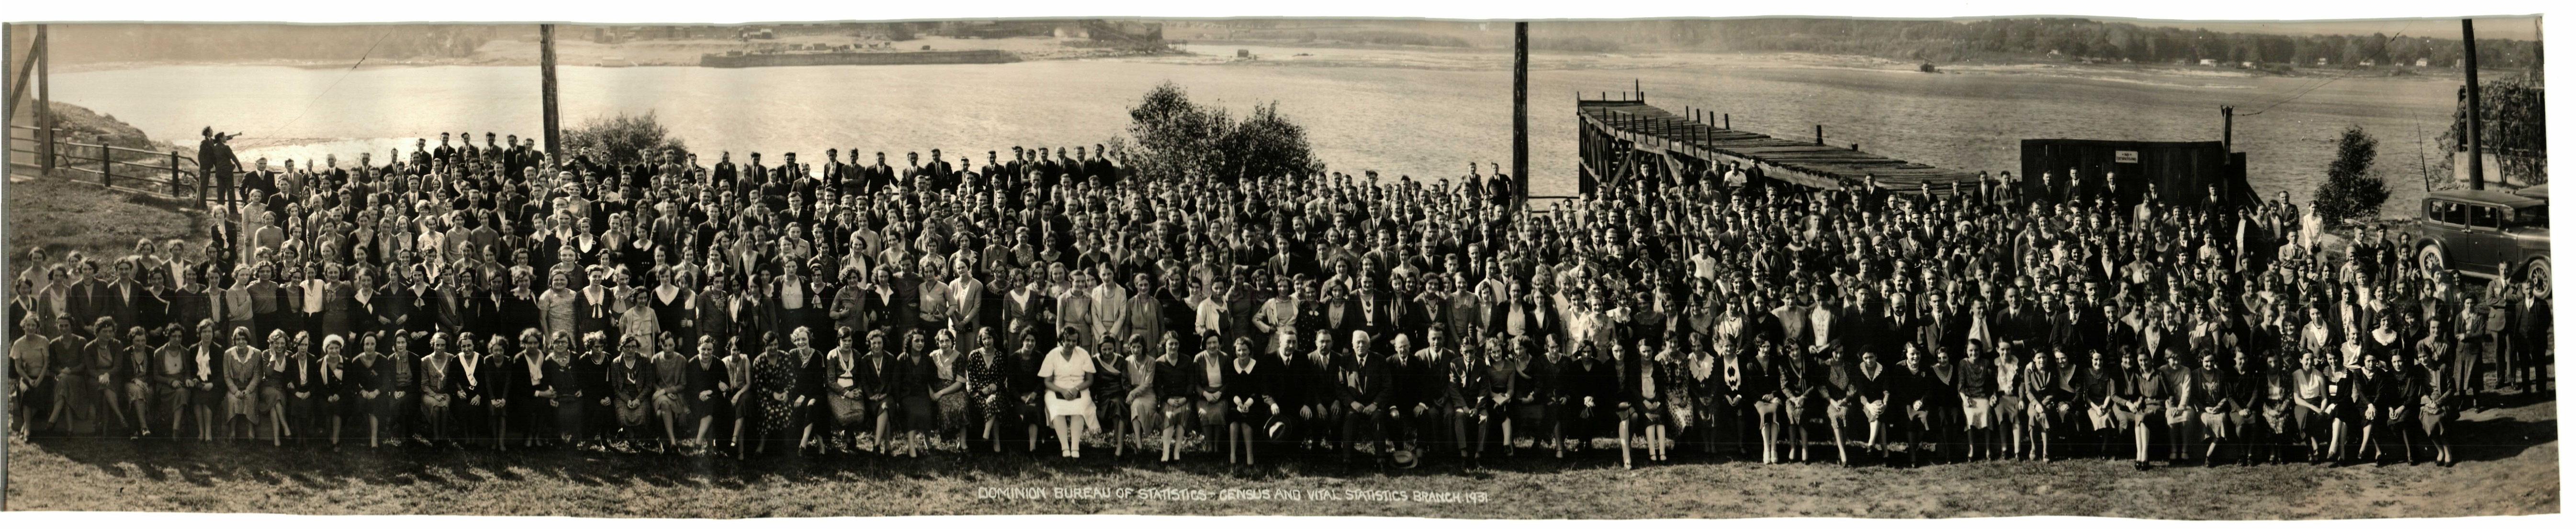 1931 Les employés de la branche du recensement et des statistiques de l'état civil